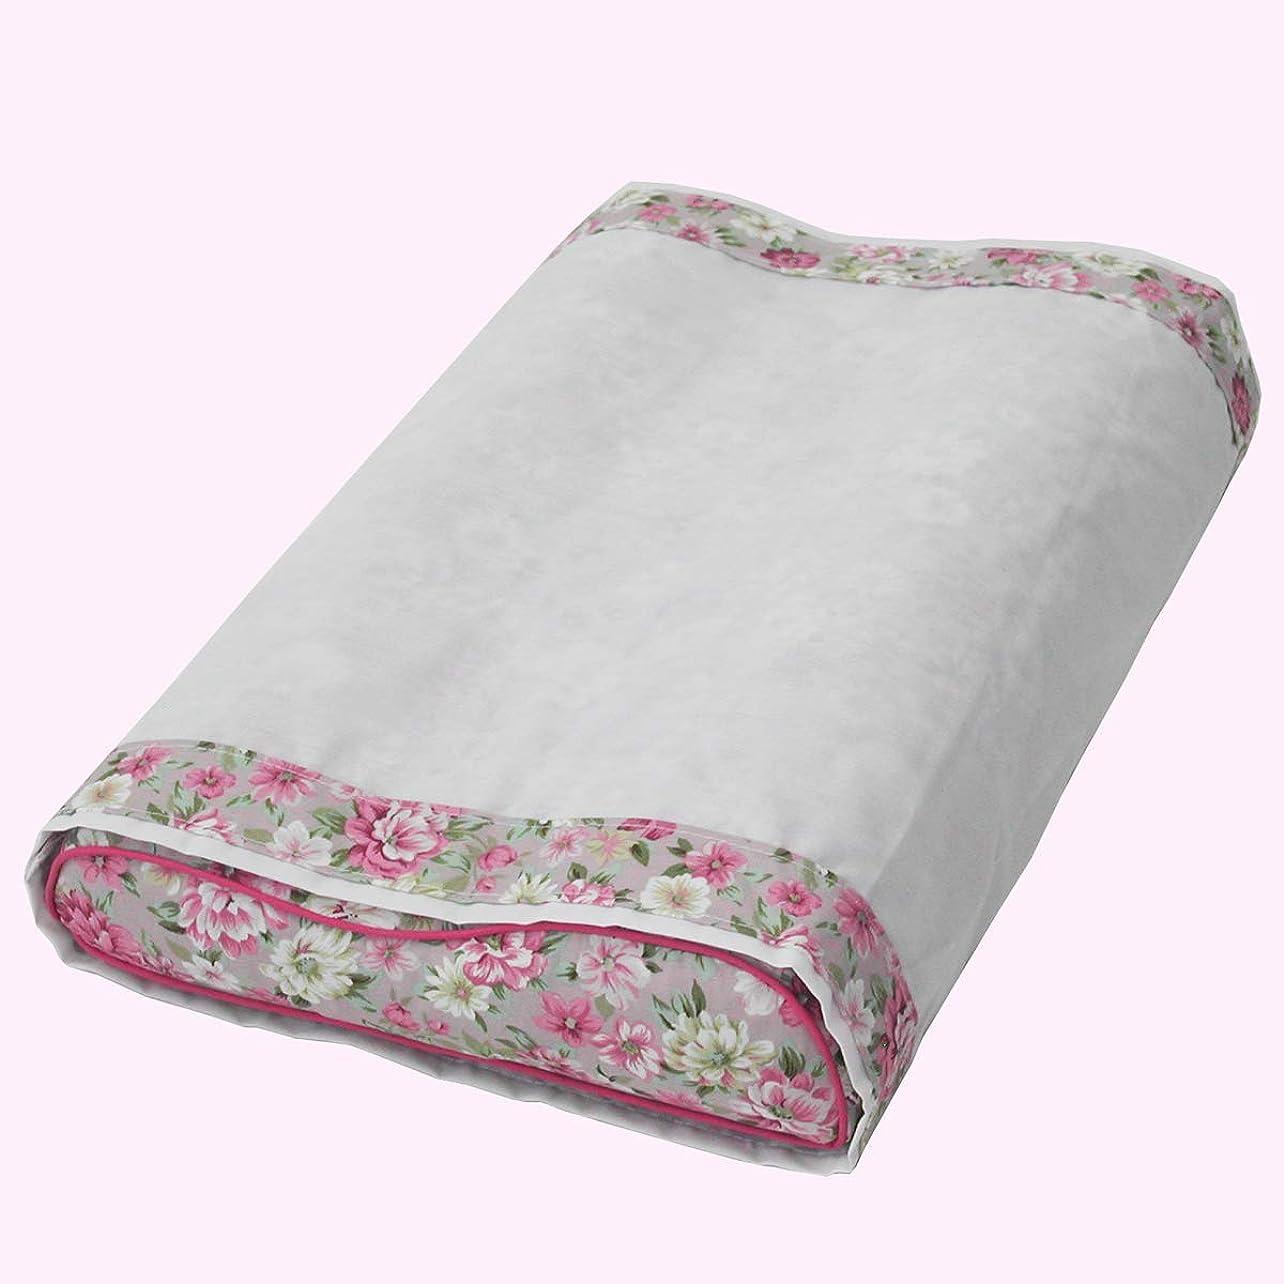 感謝祭カプラー服を着るそばがら枕 三層型 頸椎安定型 そばがらおまけ付き ピンク